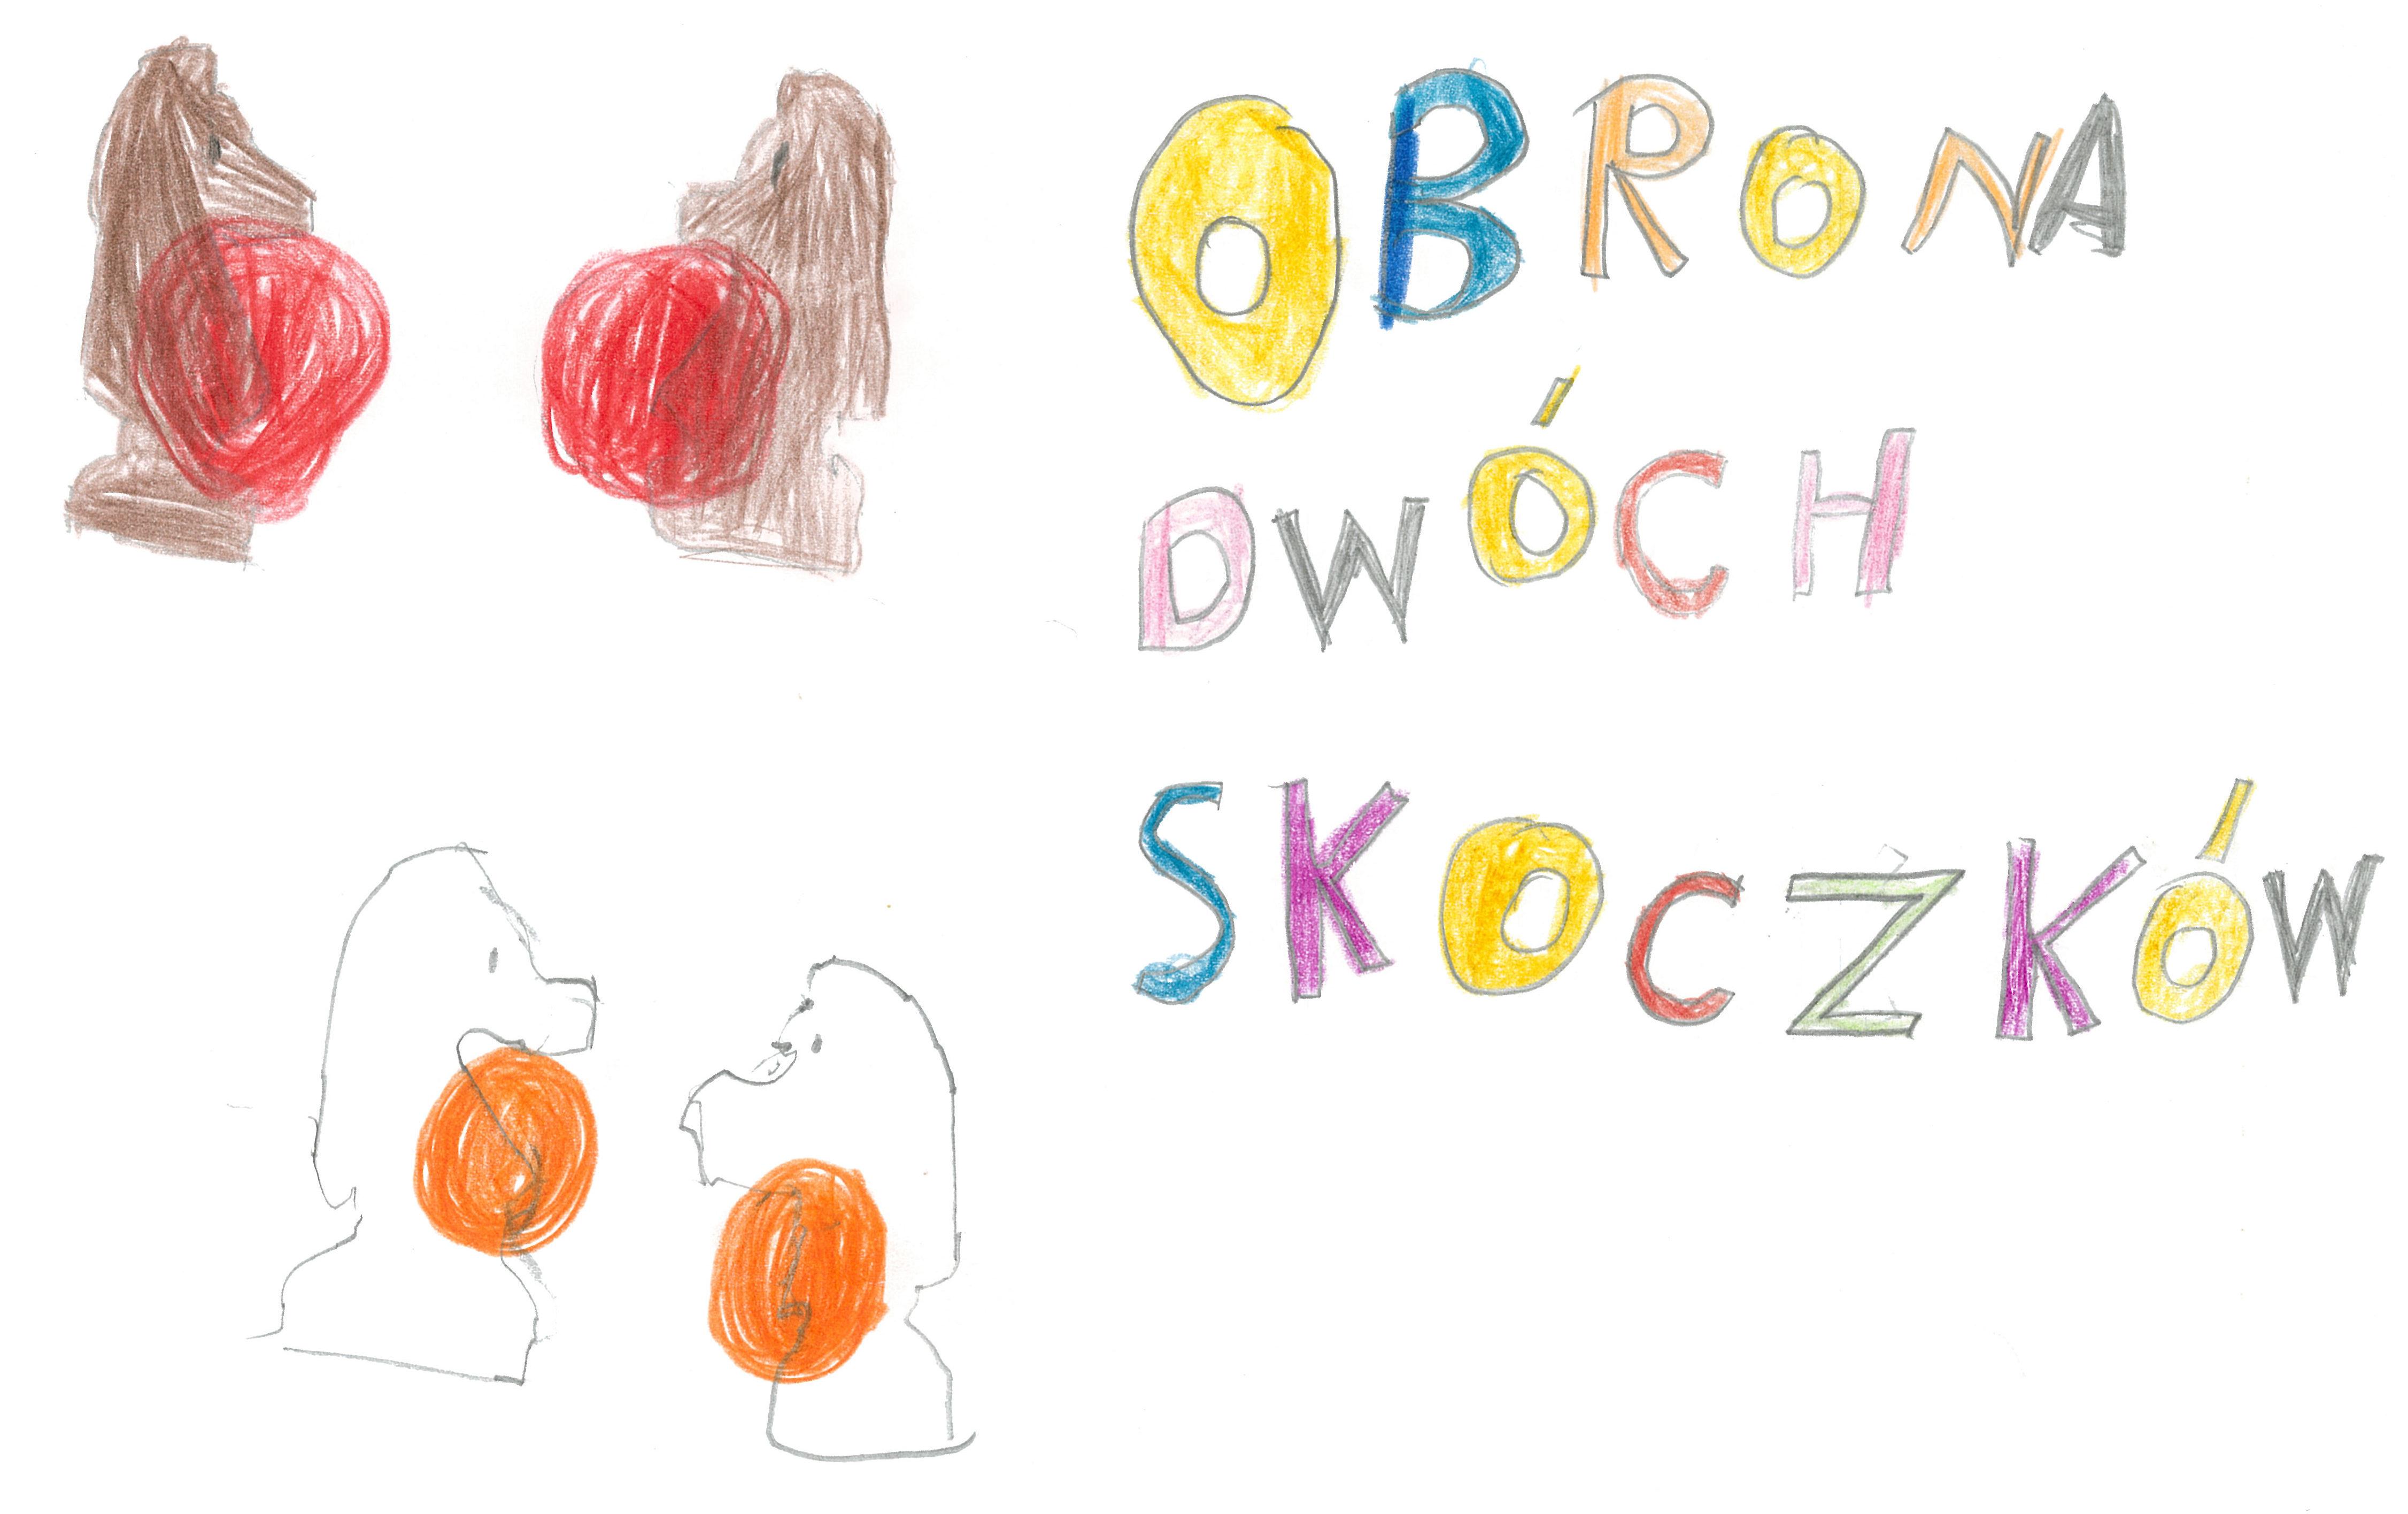 Obrona dwóch skoczków. Rysunek - Olga Kraszewska.